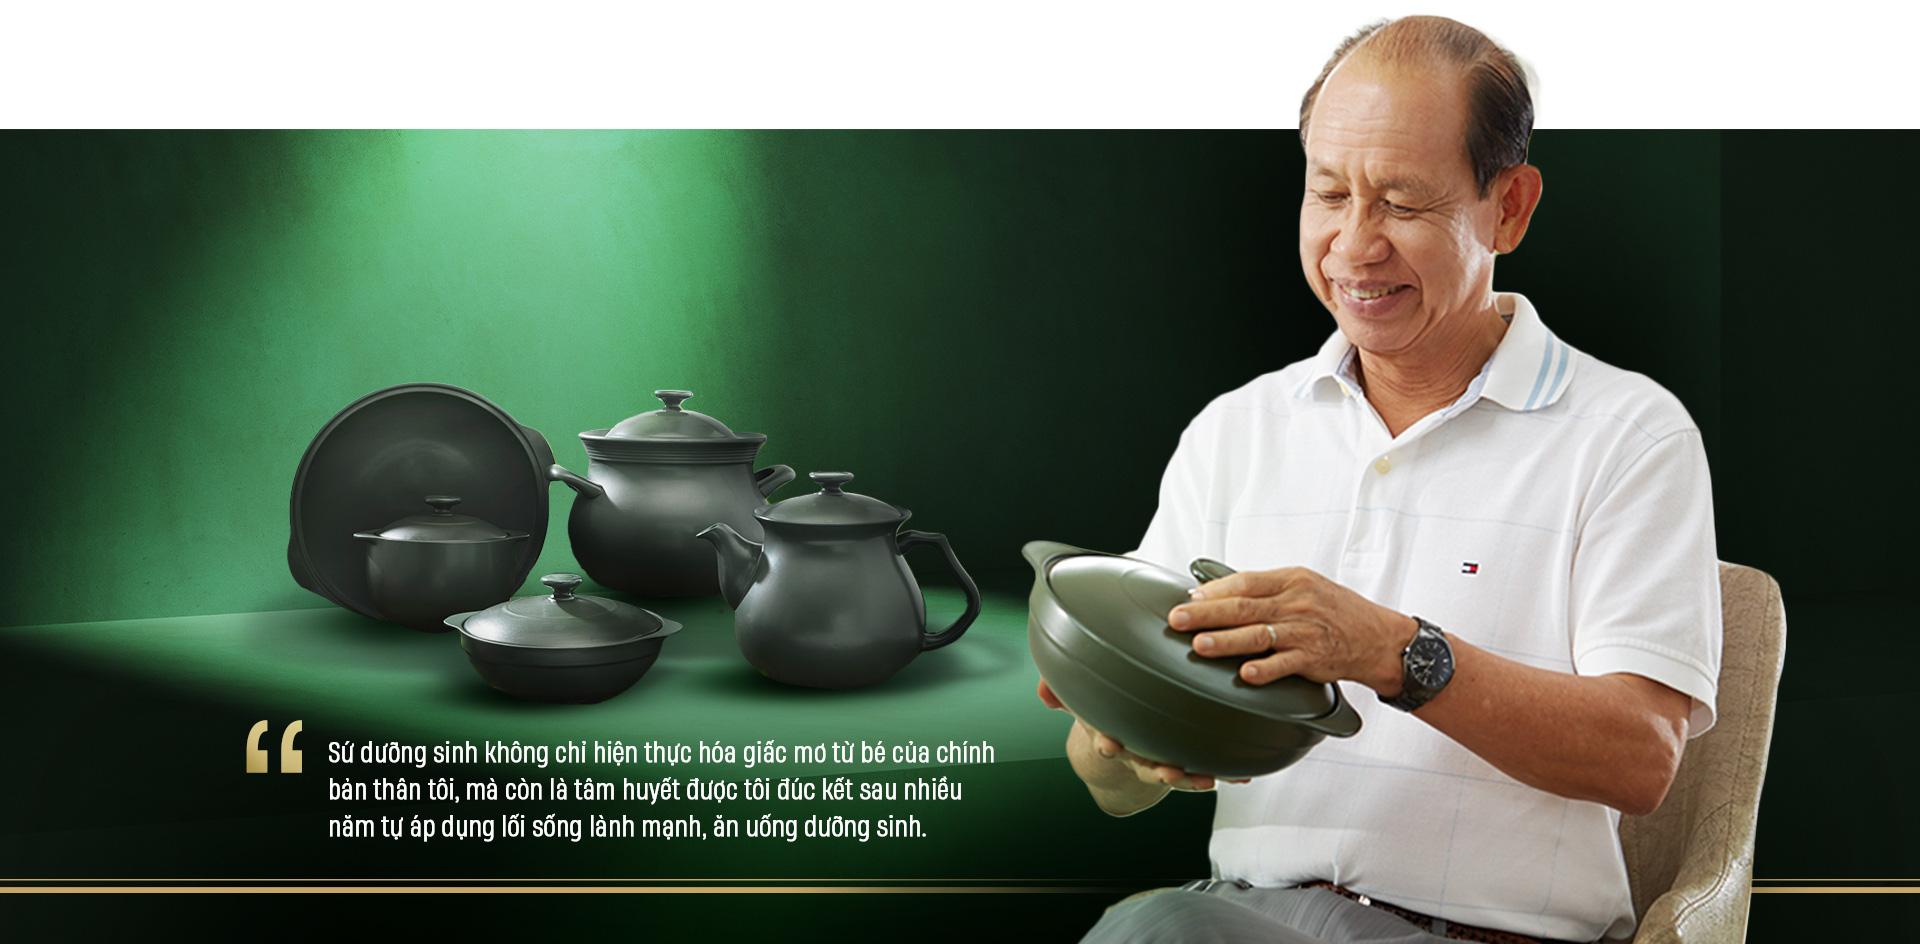 Ba năm sứ dưỡng sinh đồng hành cùng căn bếp Việt - Ảnh 4.